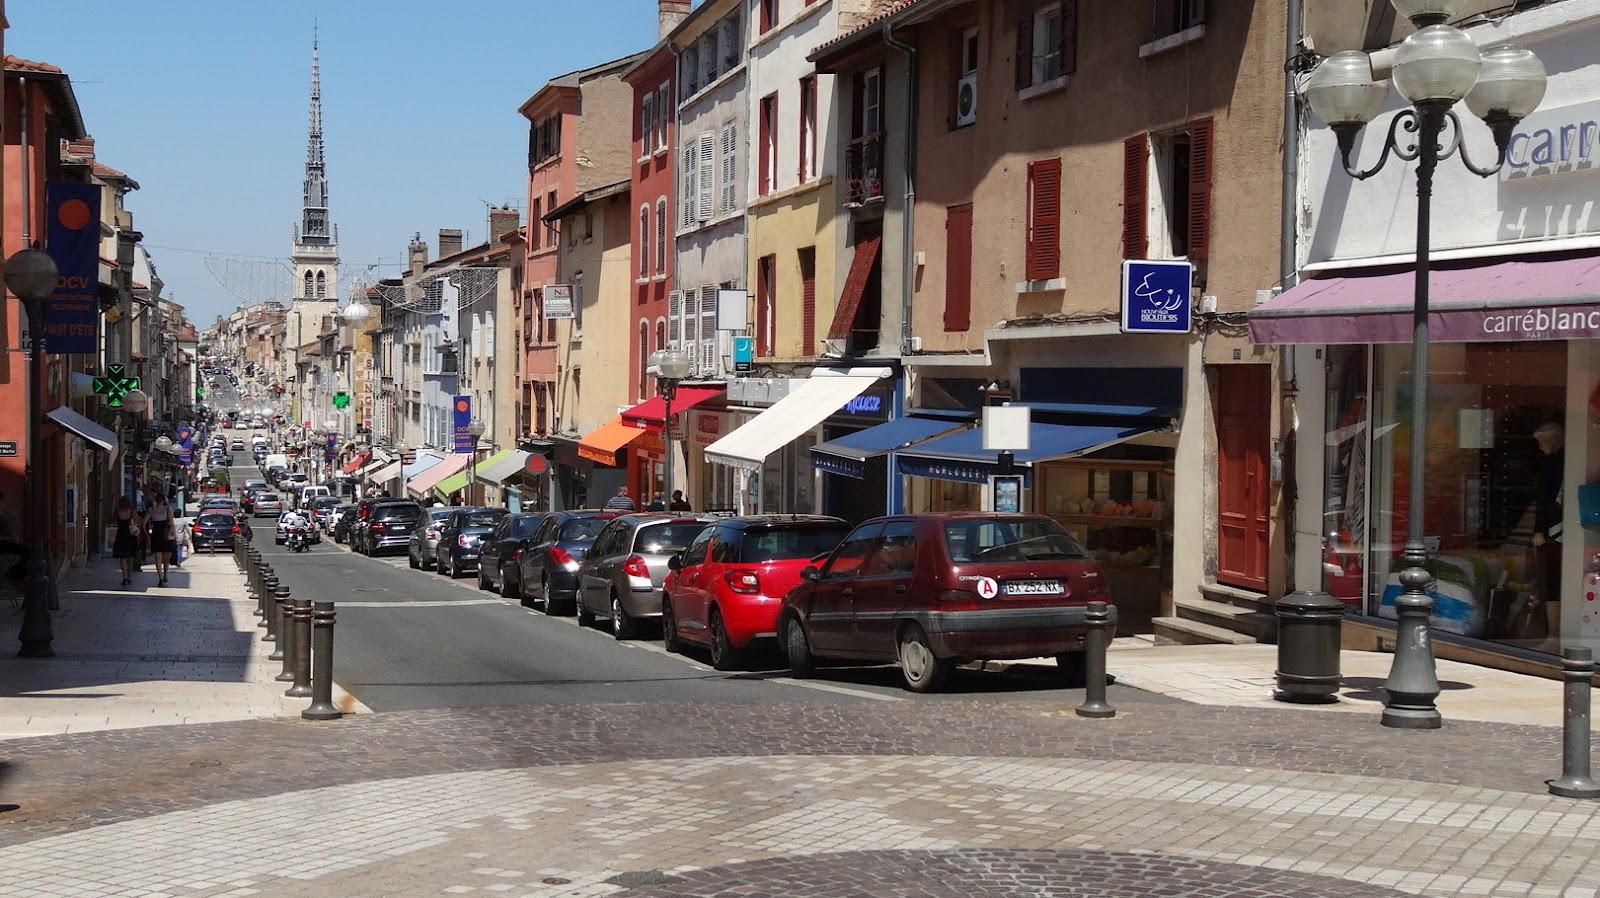 Mike 39 s meanderings - Office de tourisme villefranche sur saone ...